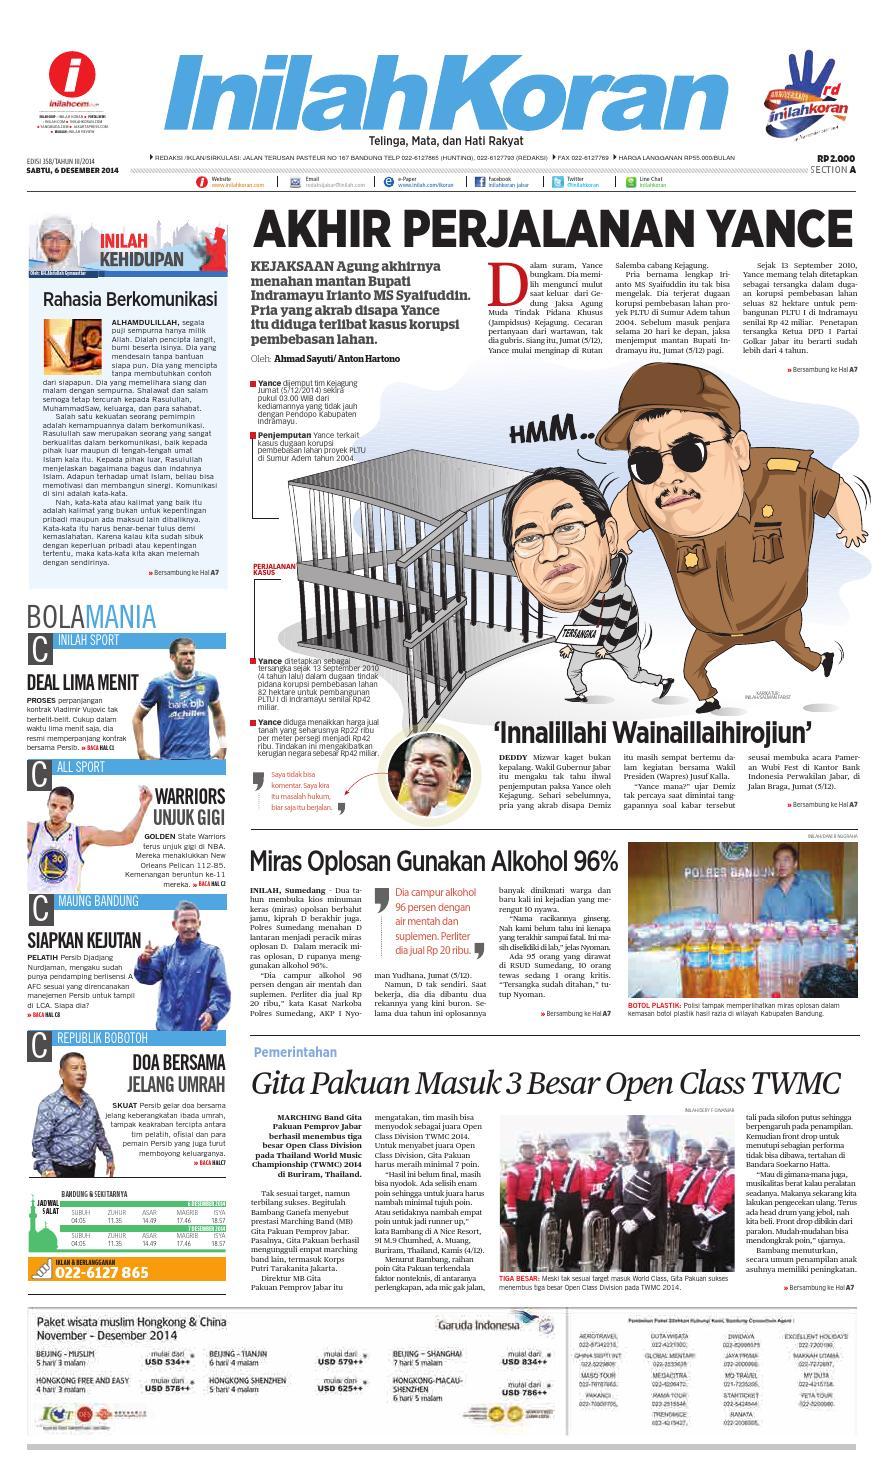 Akhir Perjalanan Yance By Inilah Media Jabar Issuu Mesin Untuk Membungkus Makanan Hand Wrapping Sat Hw450starpack